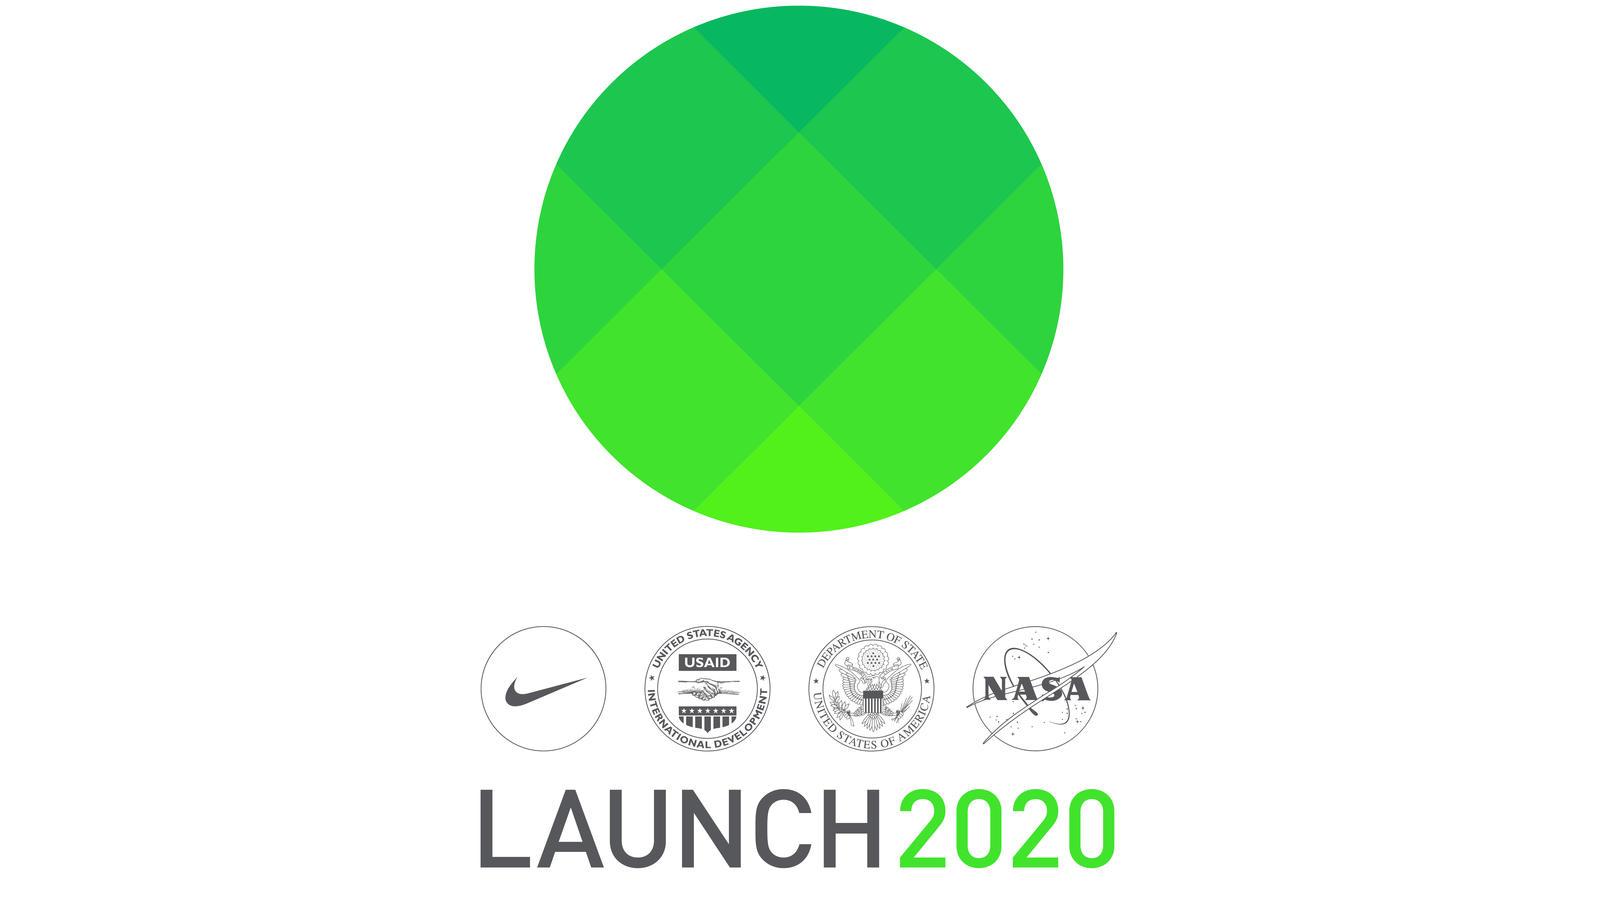 LAUNCH 2020